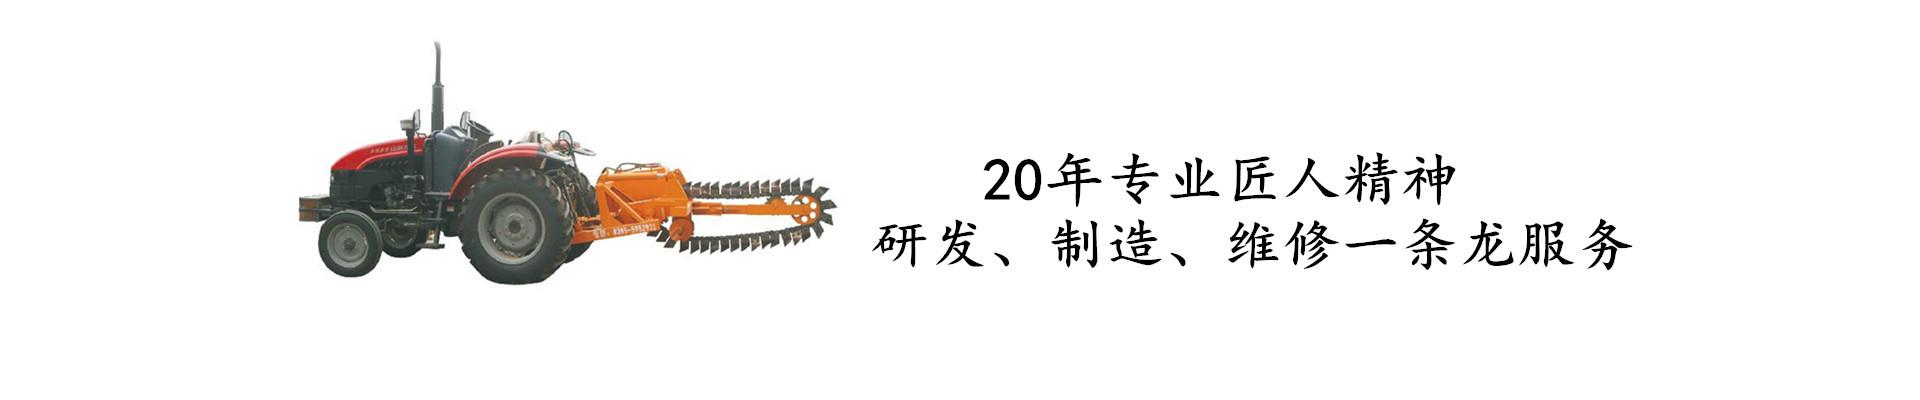 临颍县兴农机械制造有限公司